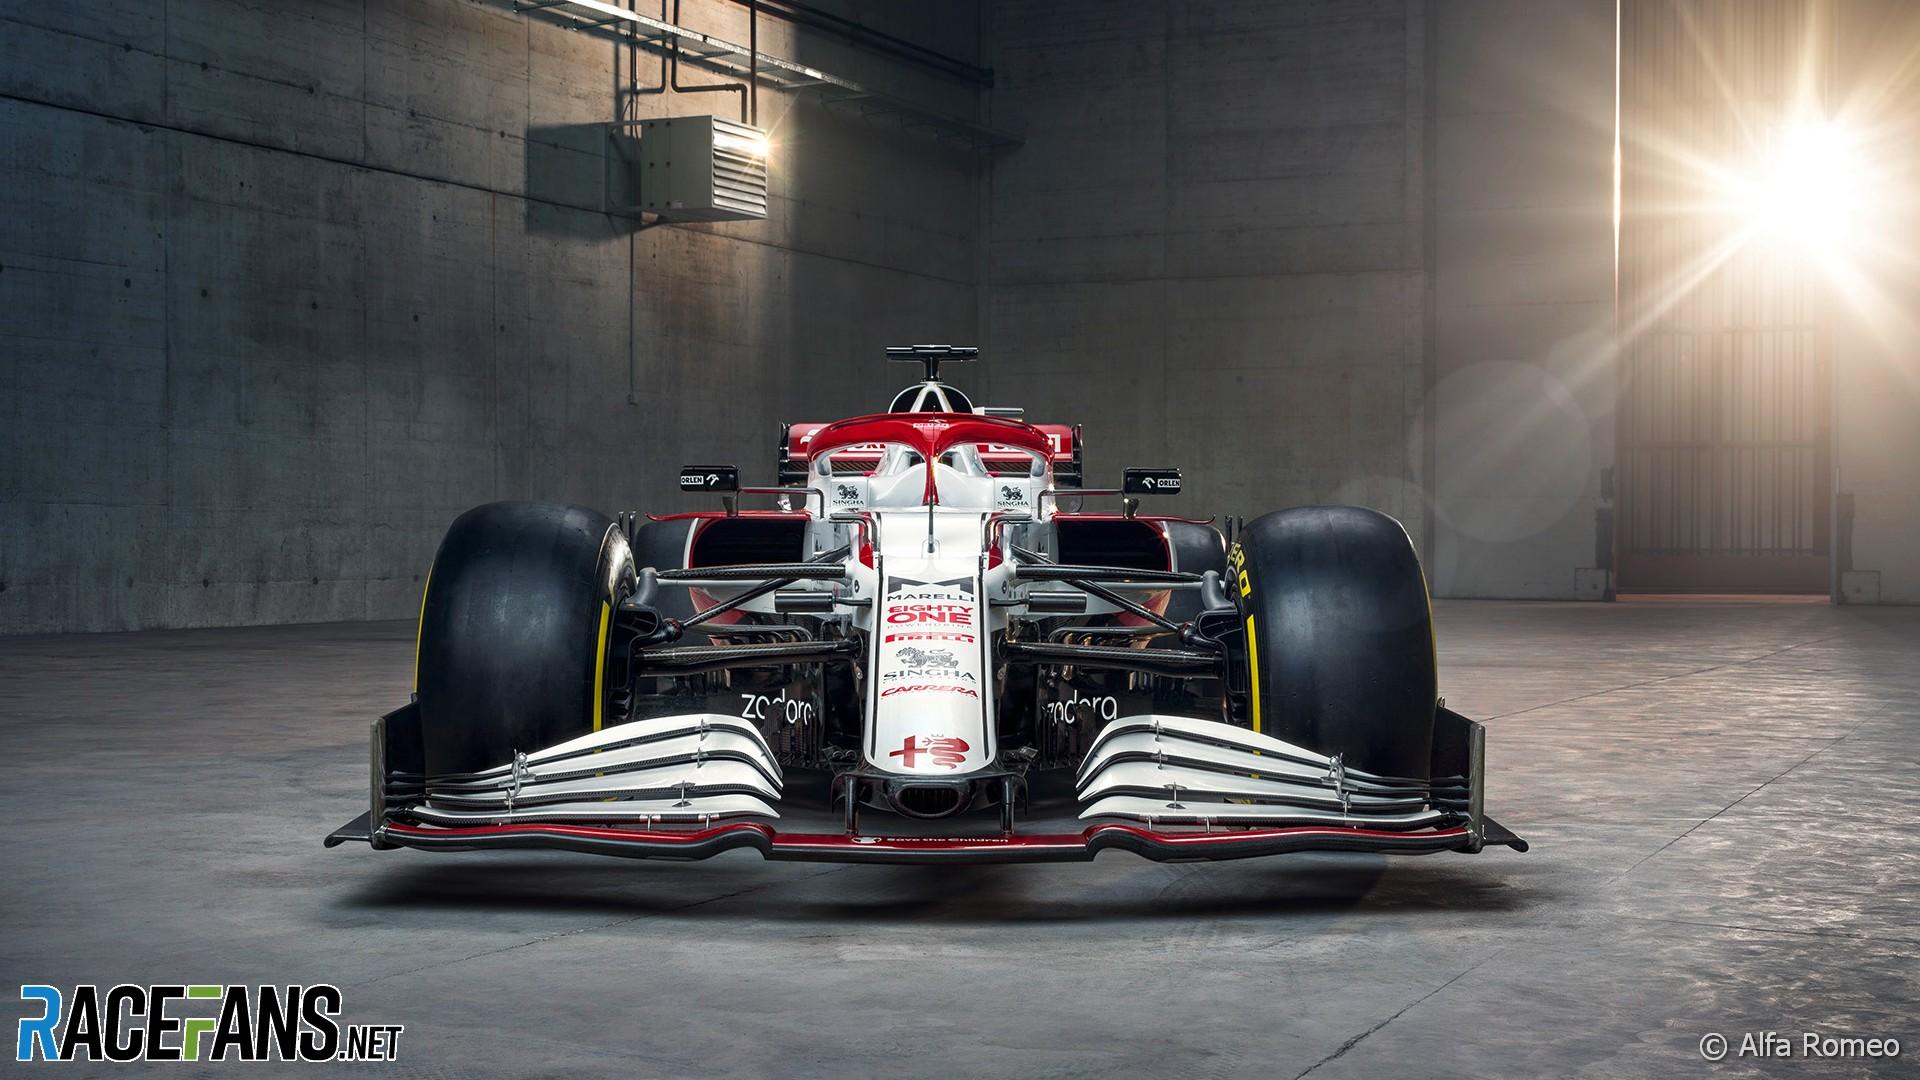 racefansdotnet-21-02-21-23-40-03-5.jpg